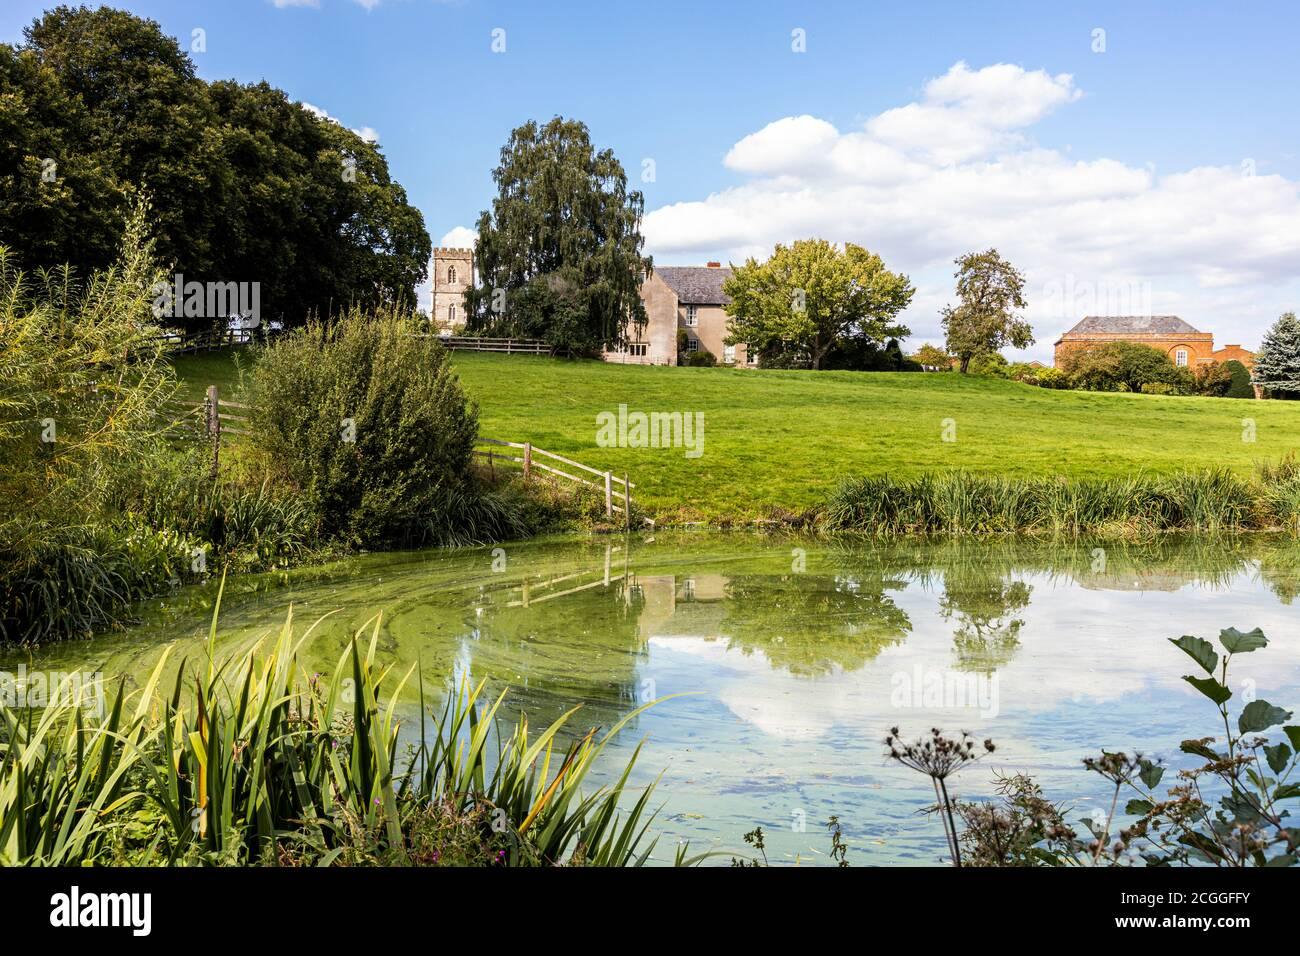 La corte de Maisemore y la iglesia de St Giles vistas a través del lago en el pueblo de Severn Vale de Maisemore, Gloucestershire, Reino Unido Foto de stock